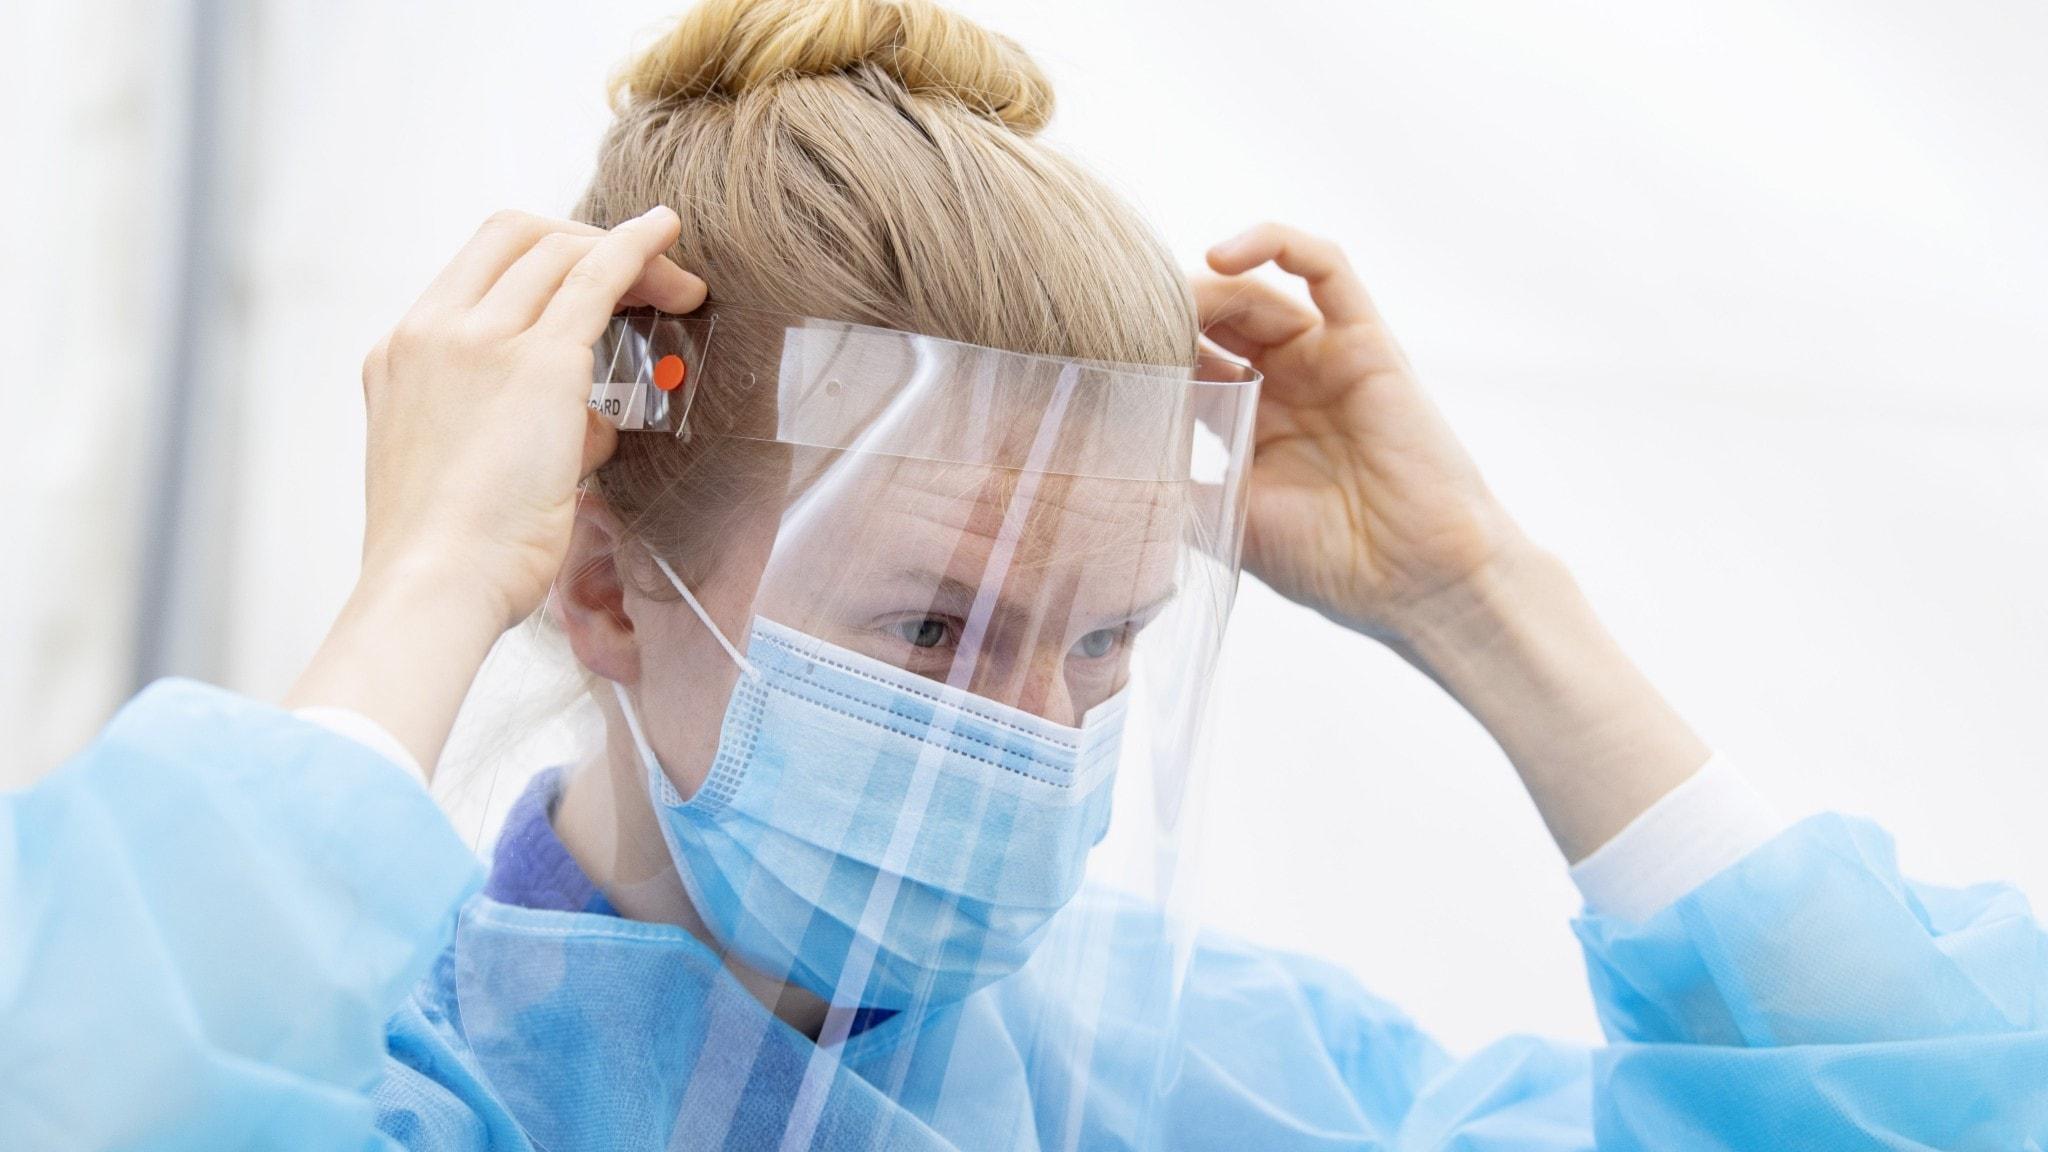 På fotot syns en kvinna med skyddsvisir för ansiktet.